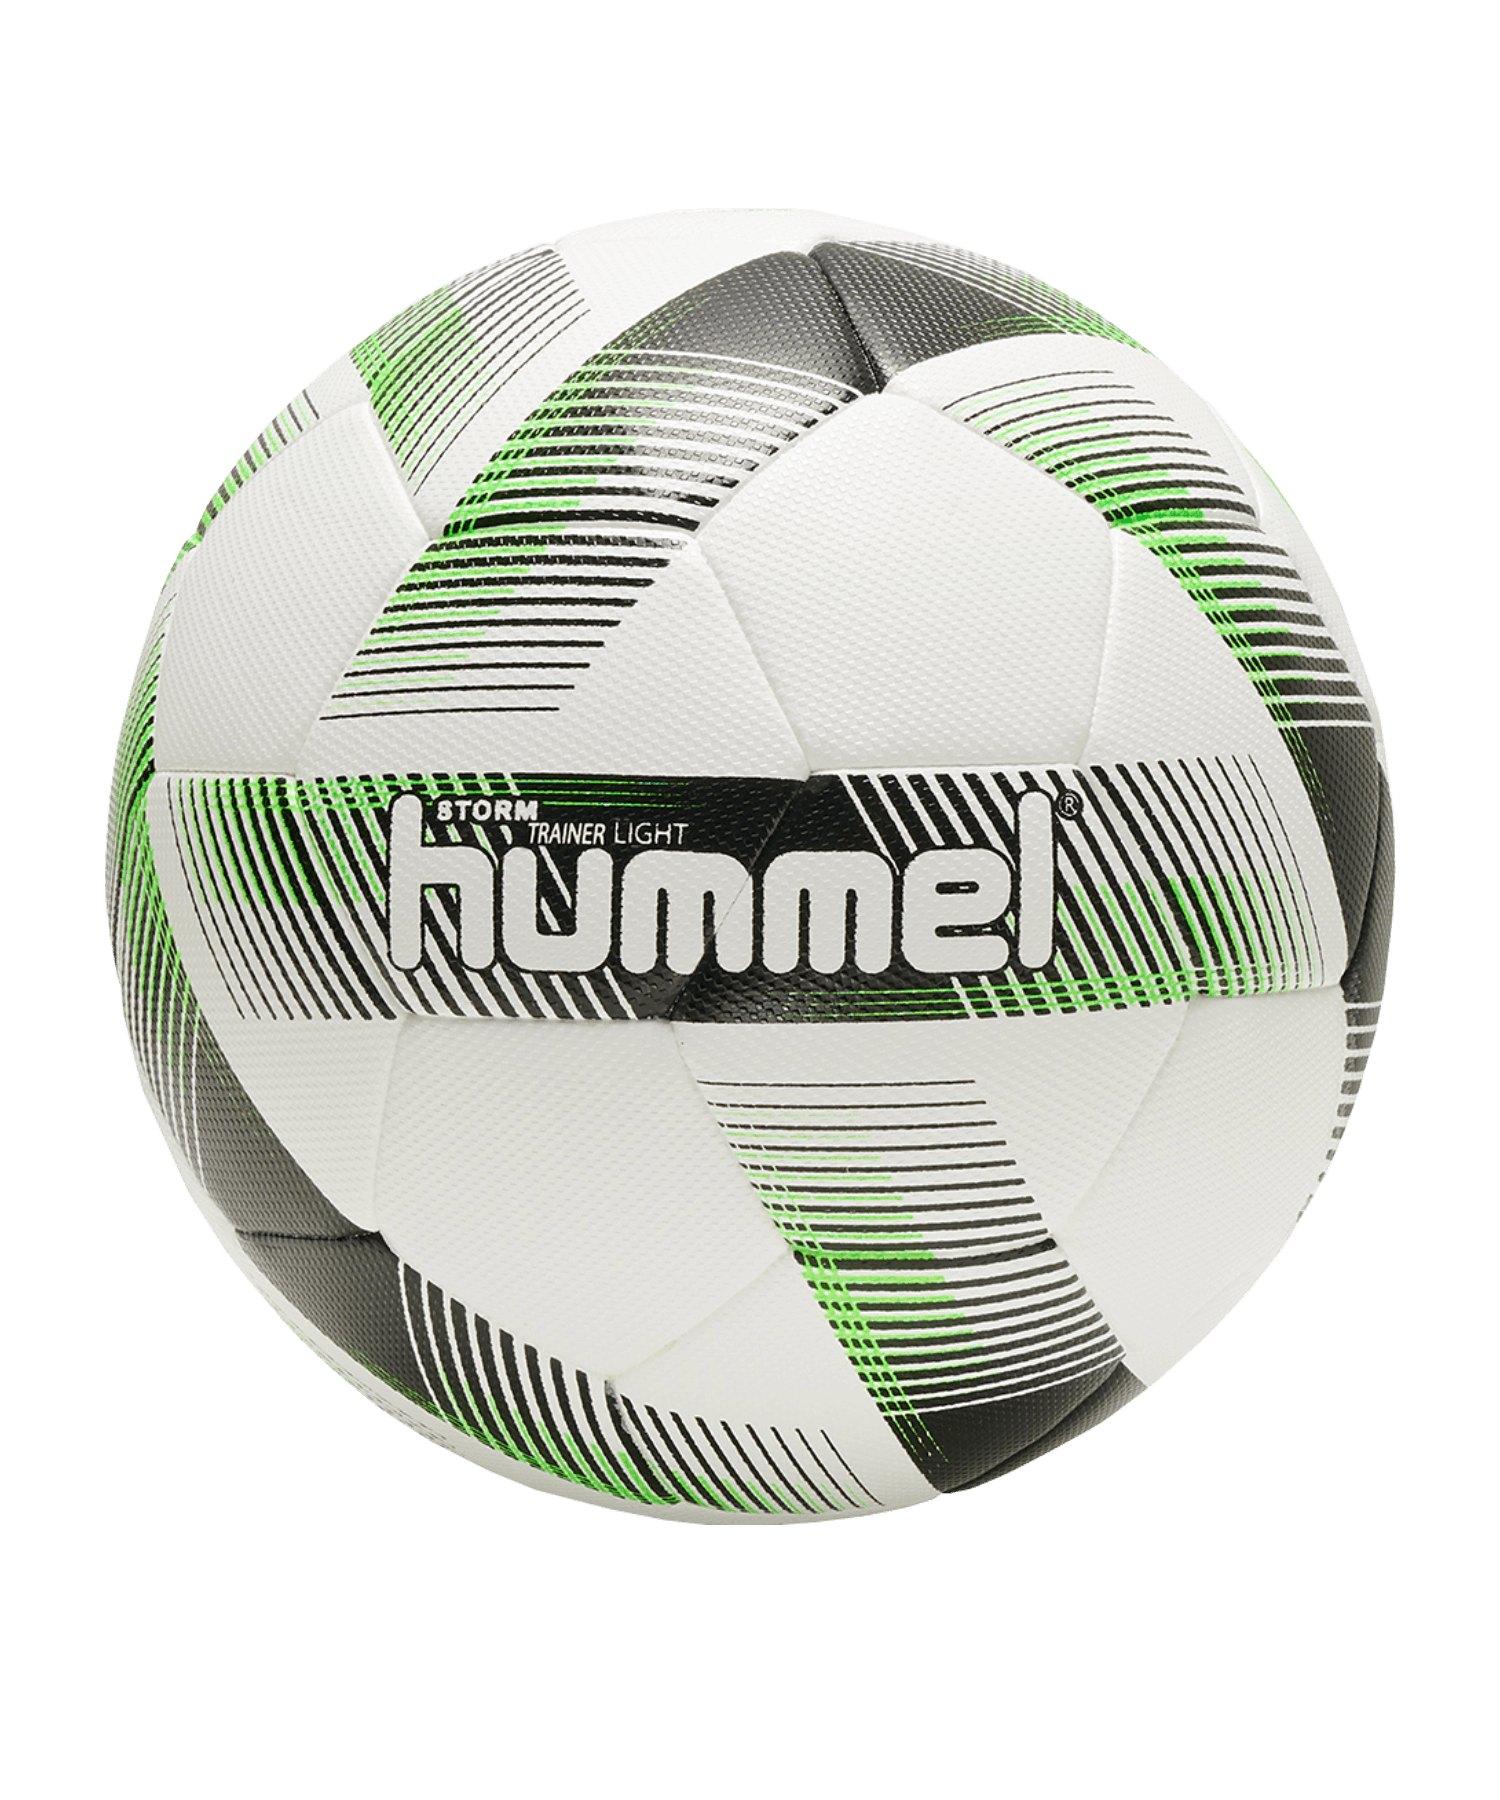 Hummel Storm Trainer Light Fussball Weiss F9274 - Weiss